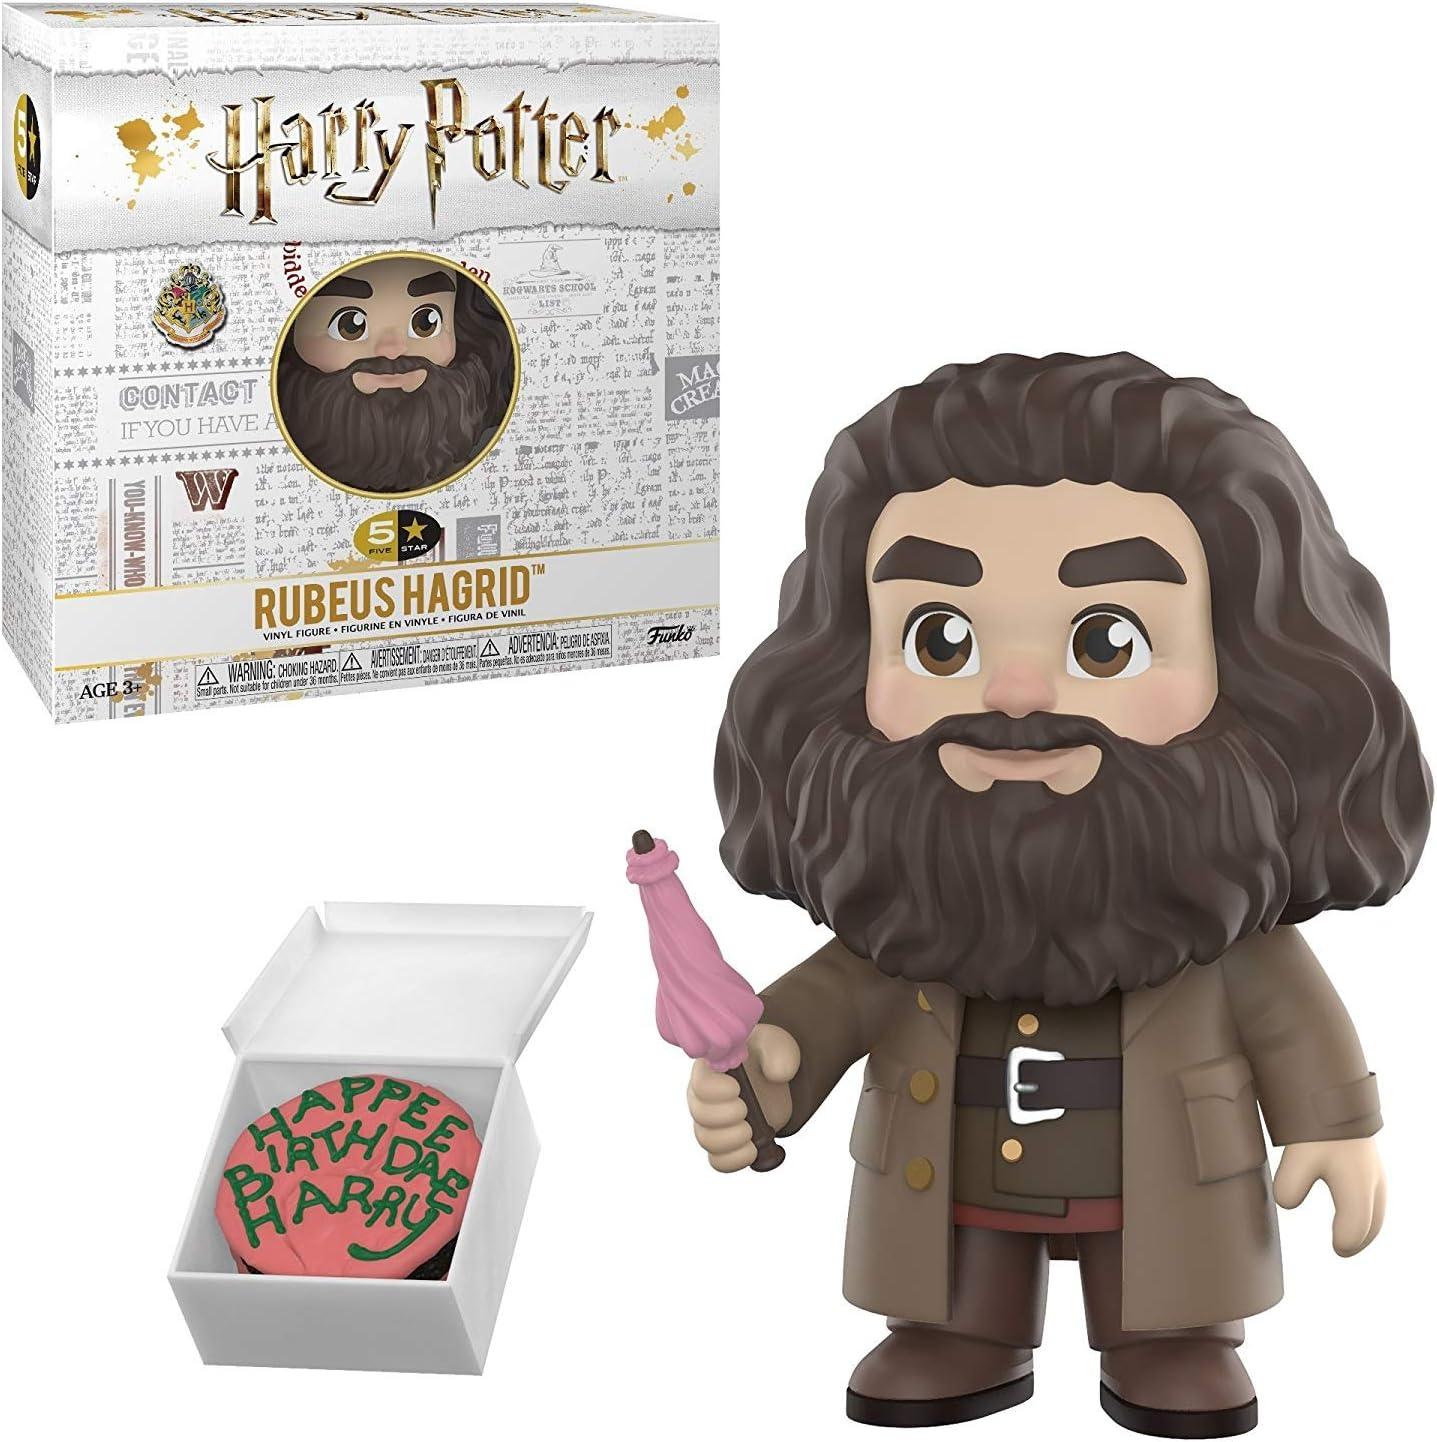 Harry Potter Rubeus Hagrid Funko Figura de acción de 5 estrellas (incluye estuche protector de caja Pop compatible)